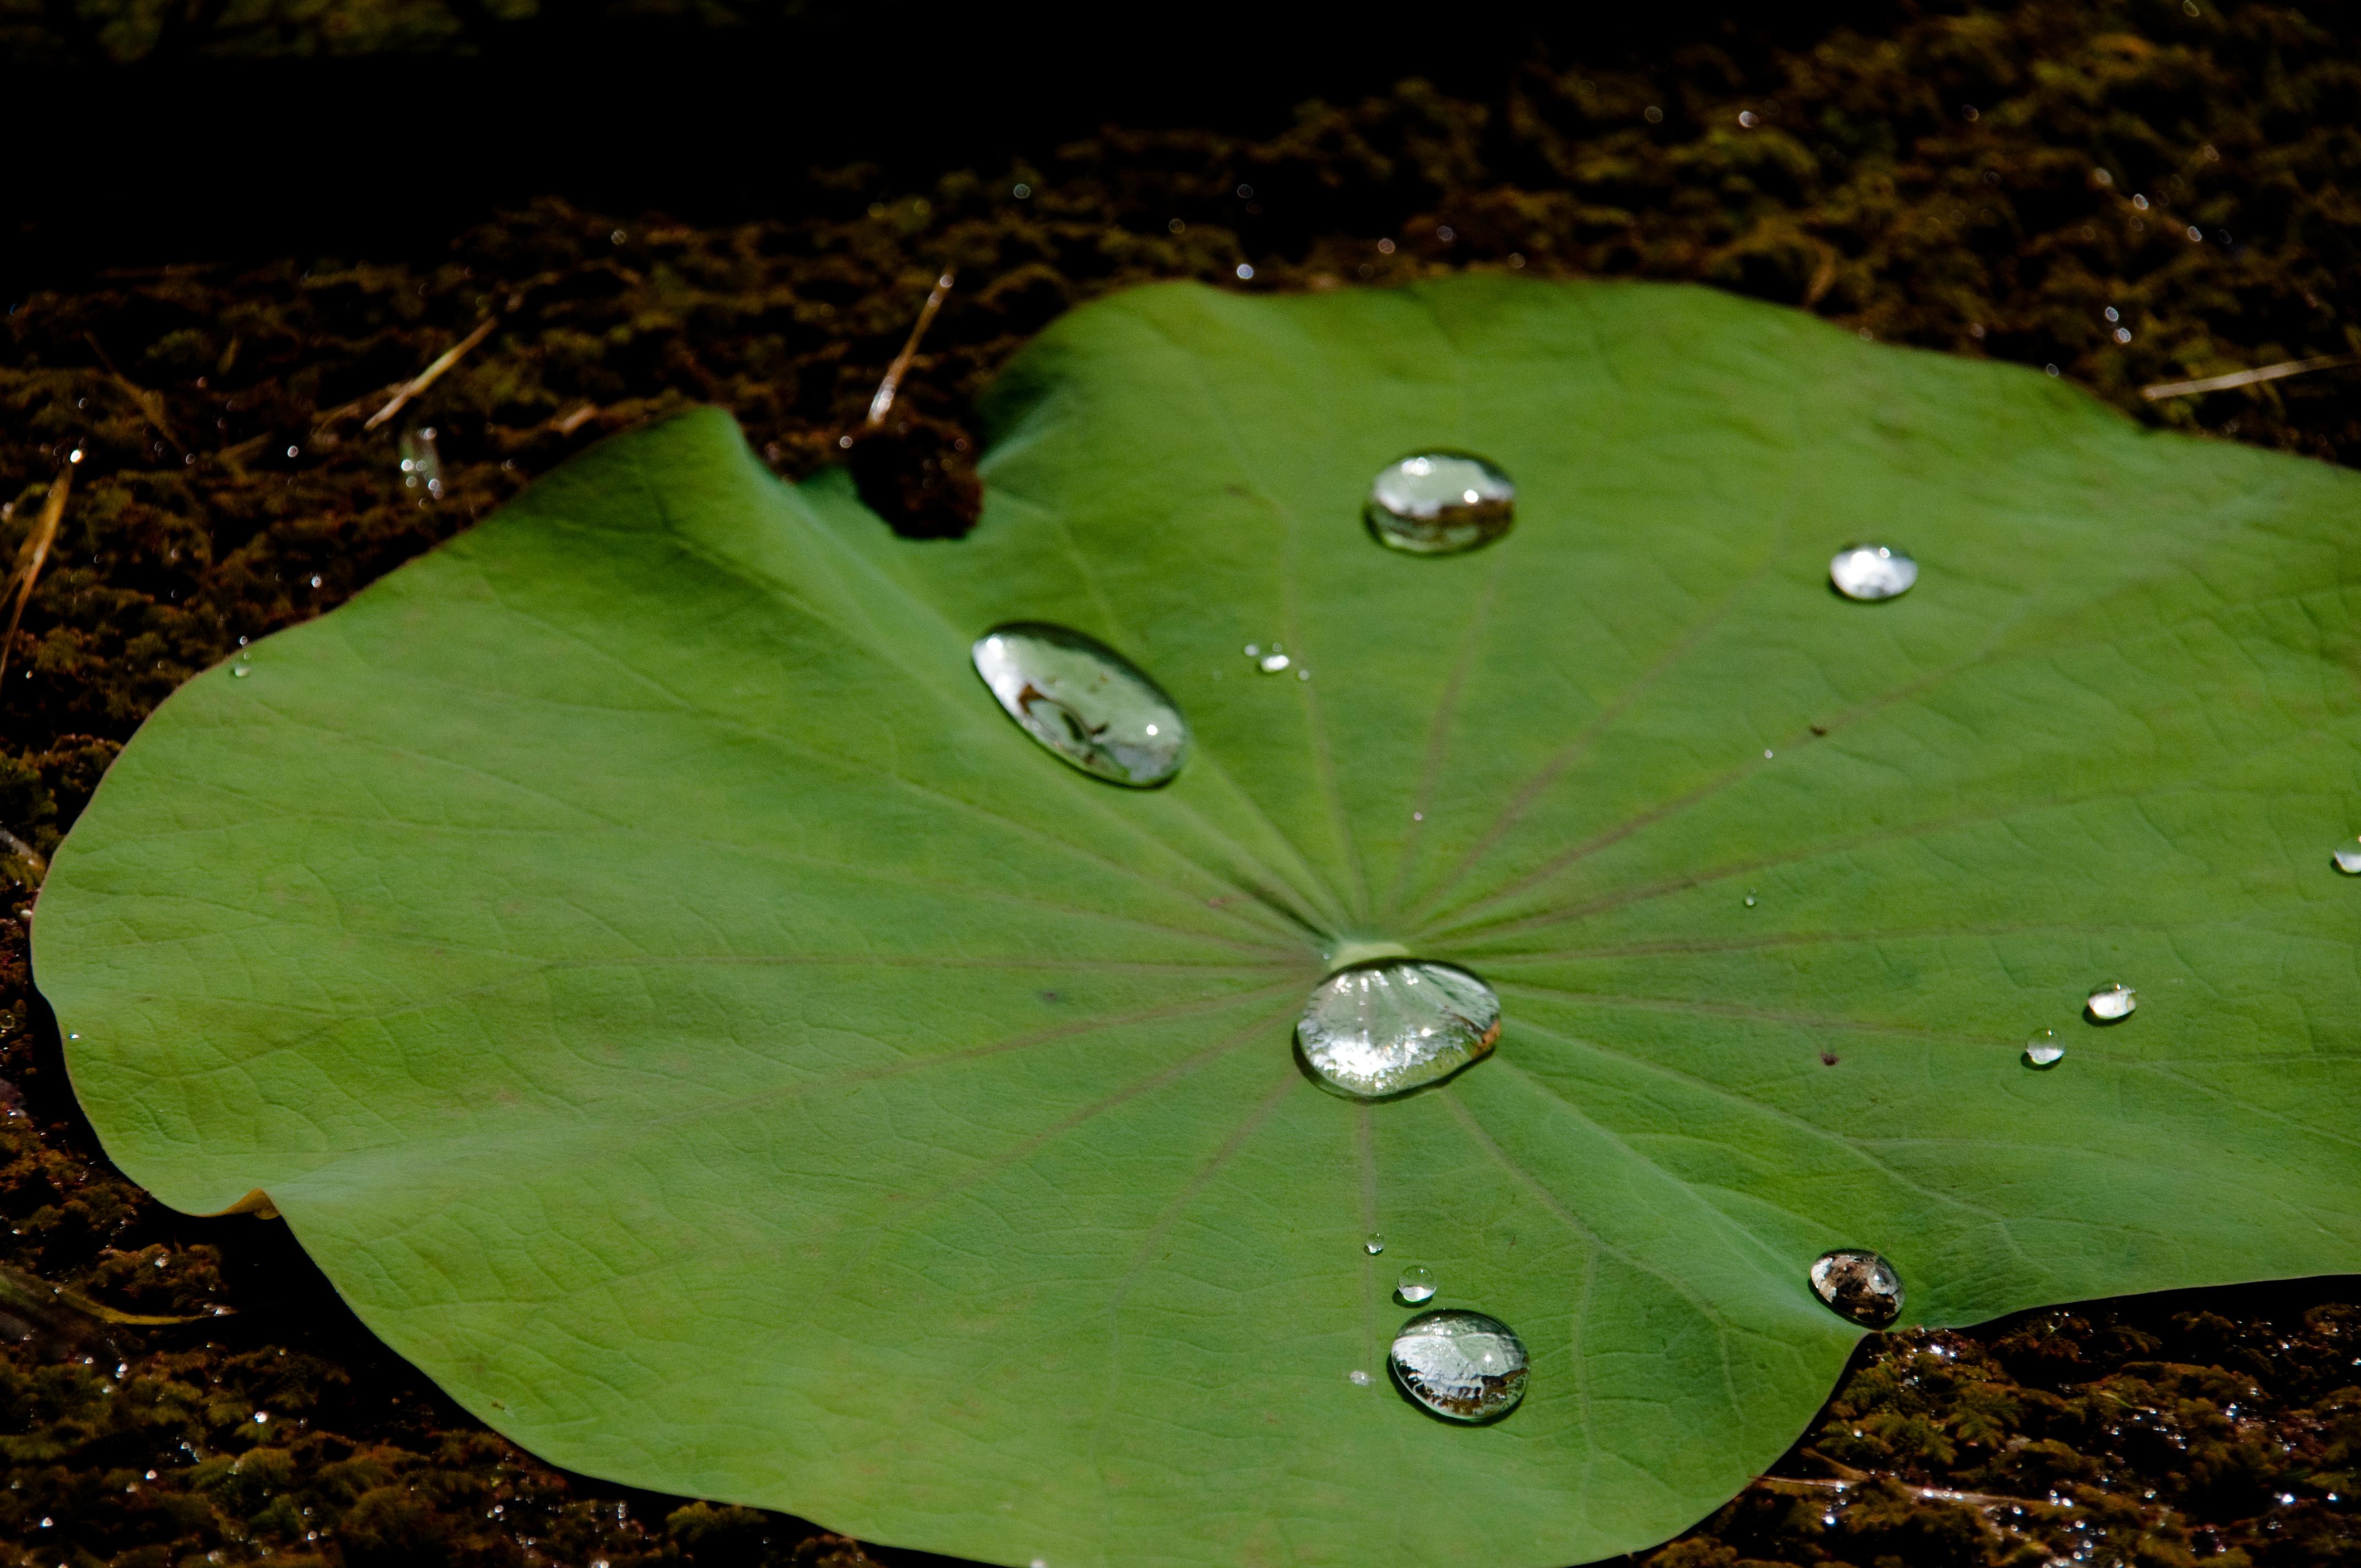 imagen de Hoja de flor de loto con gotas de agua en su superficie. / GJ Bulte